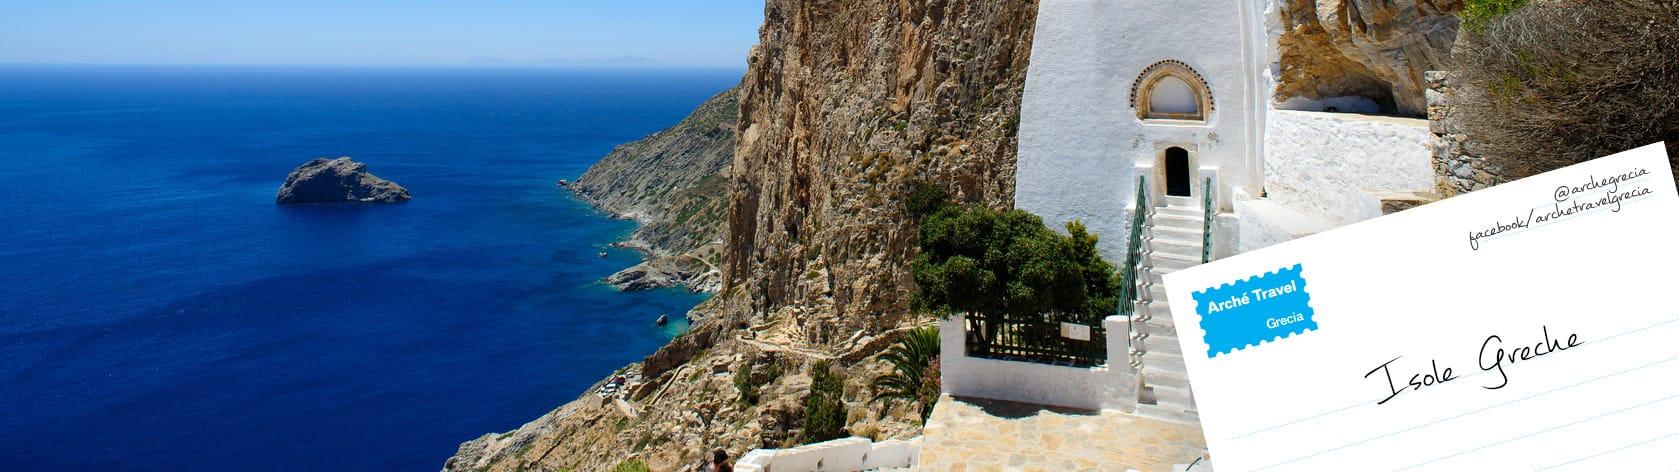 isole più belle della Grecia